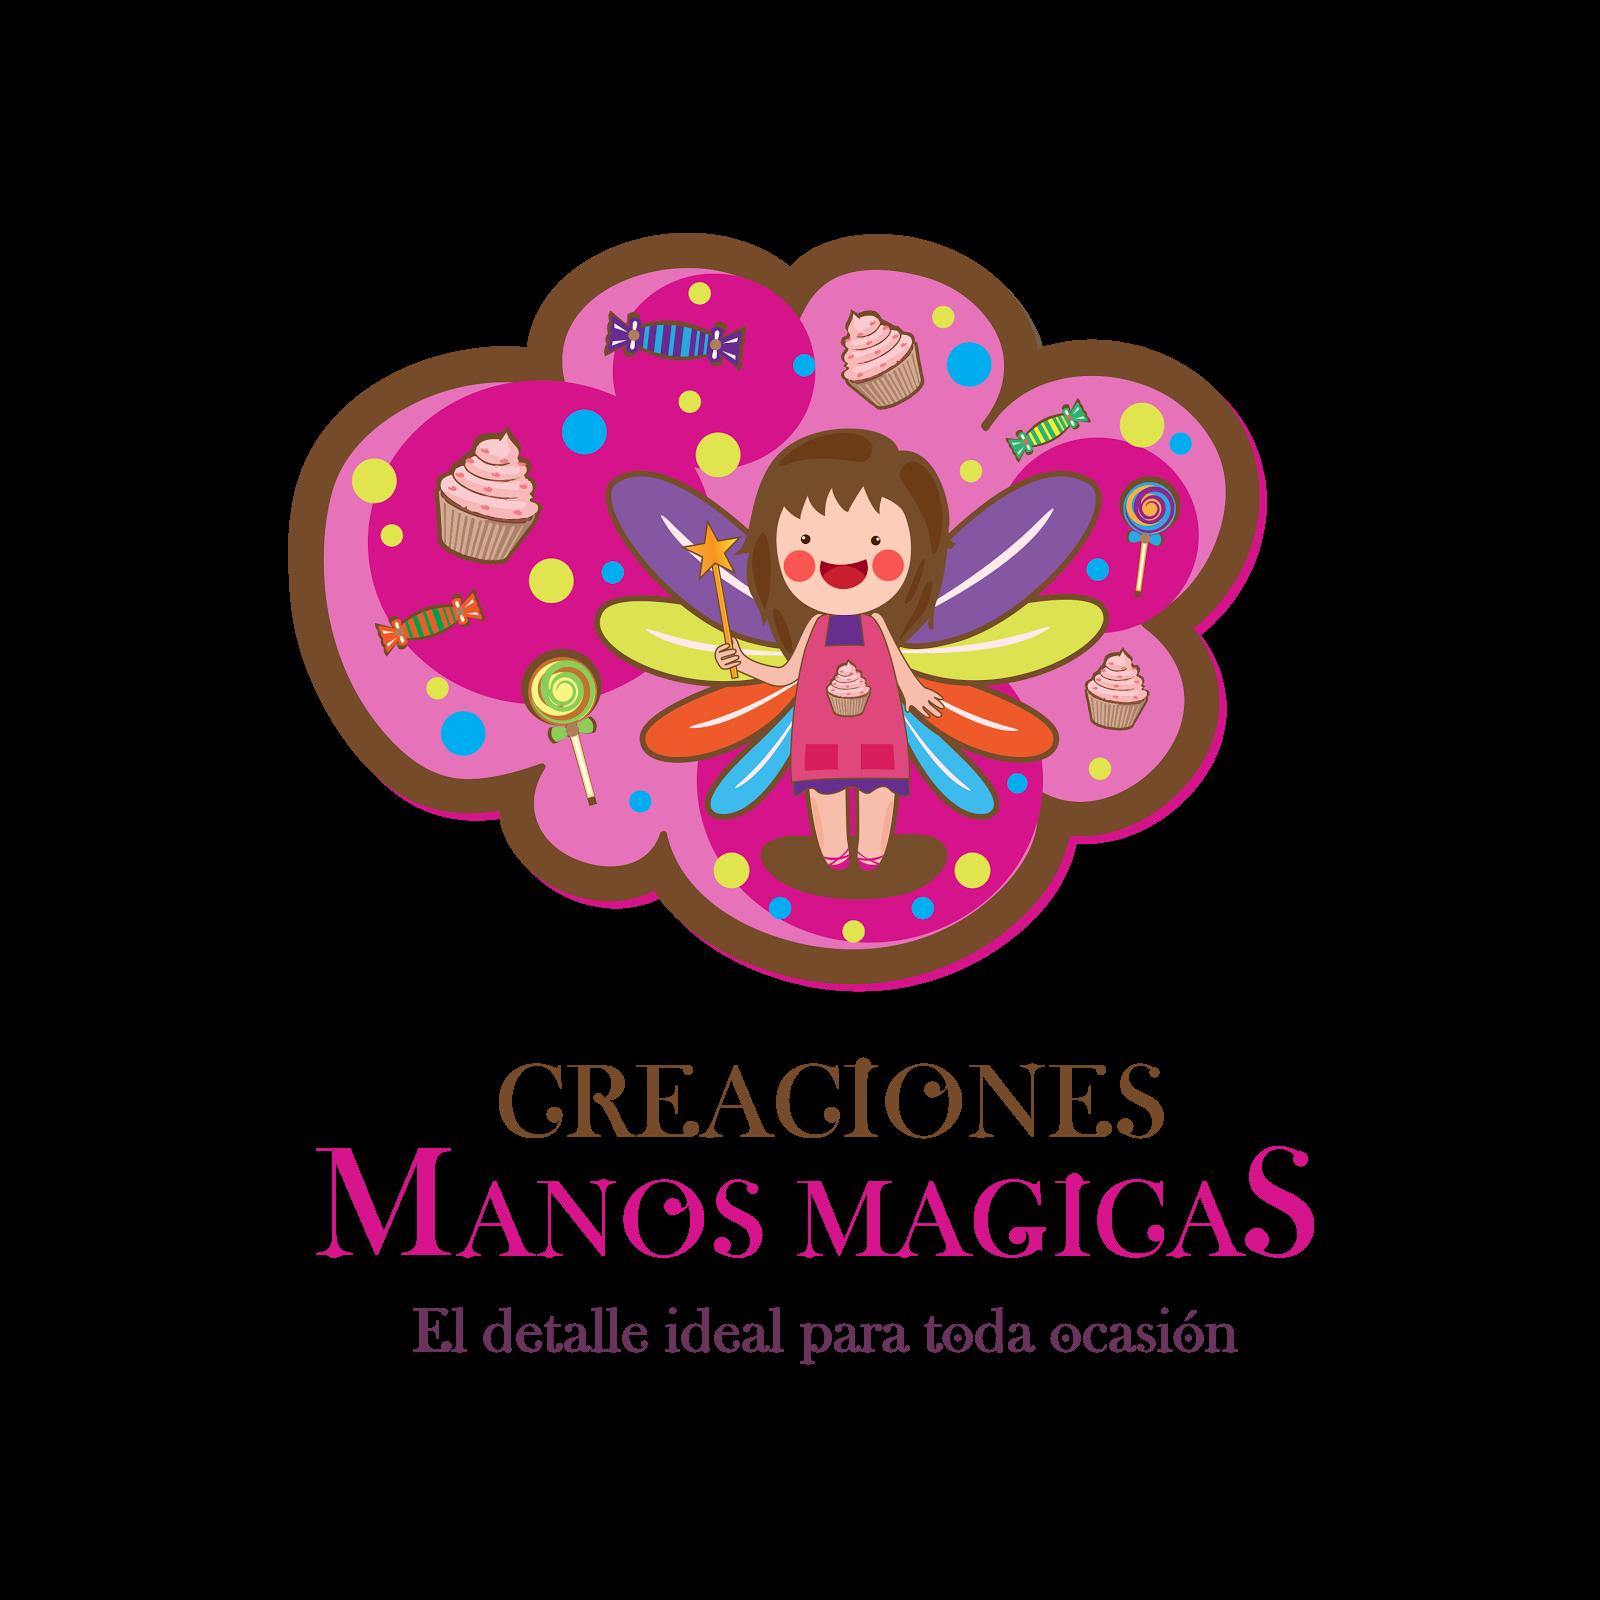 CREACIONES MANOS MAGICAS